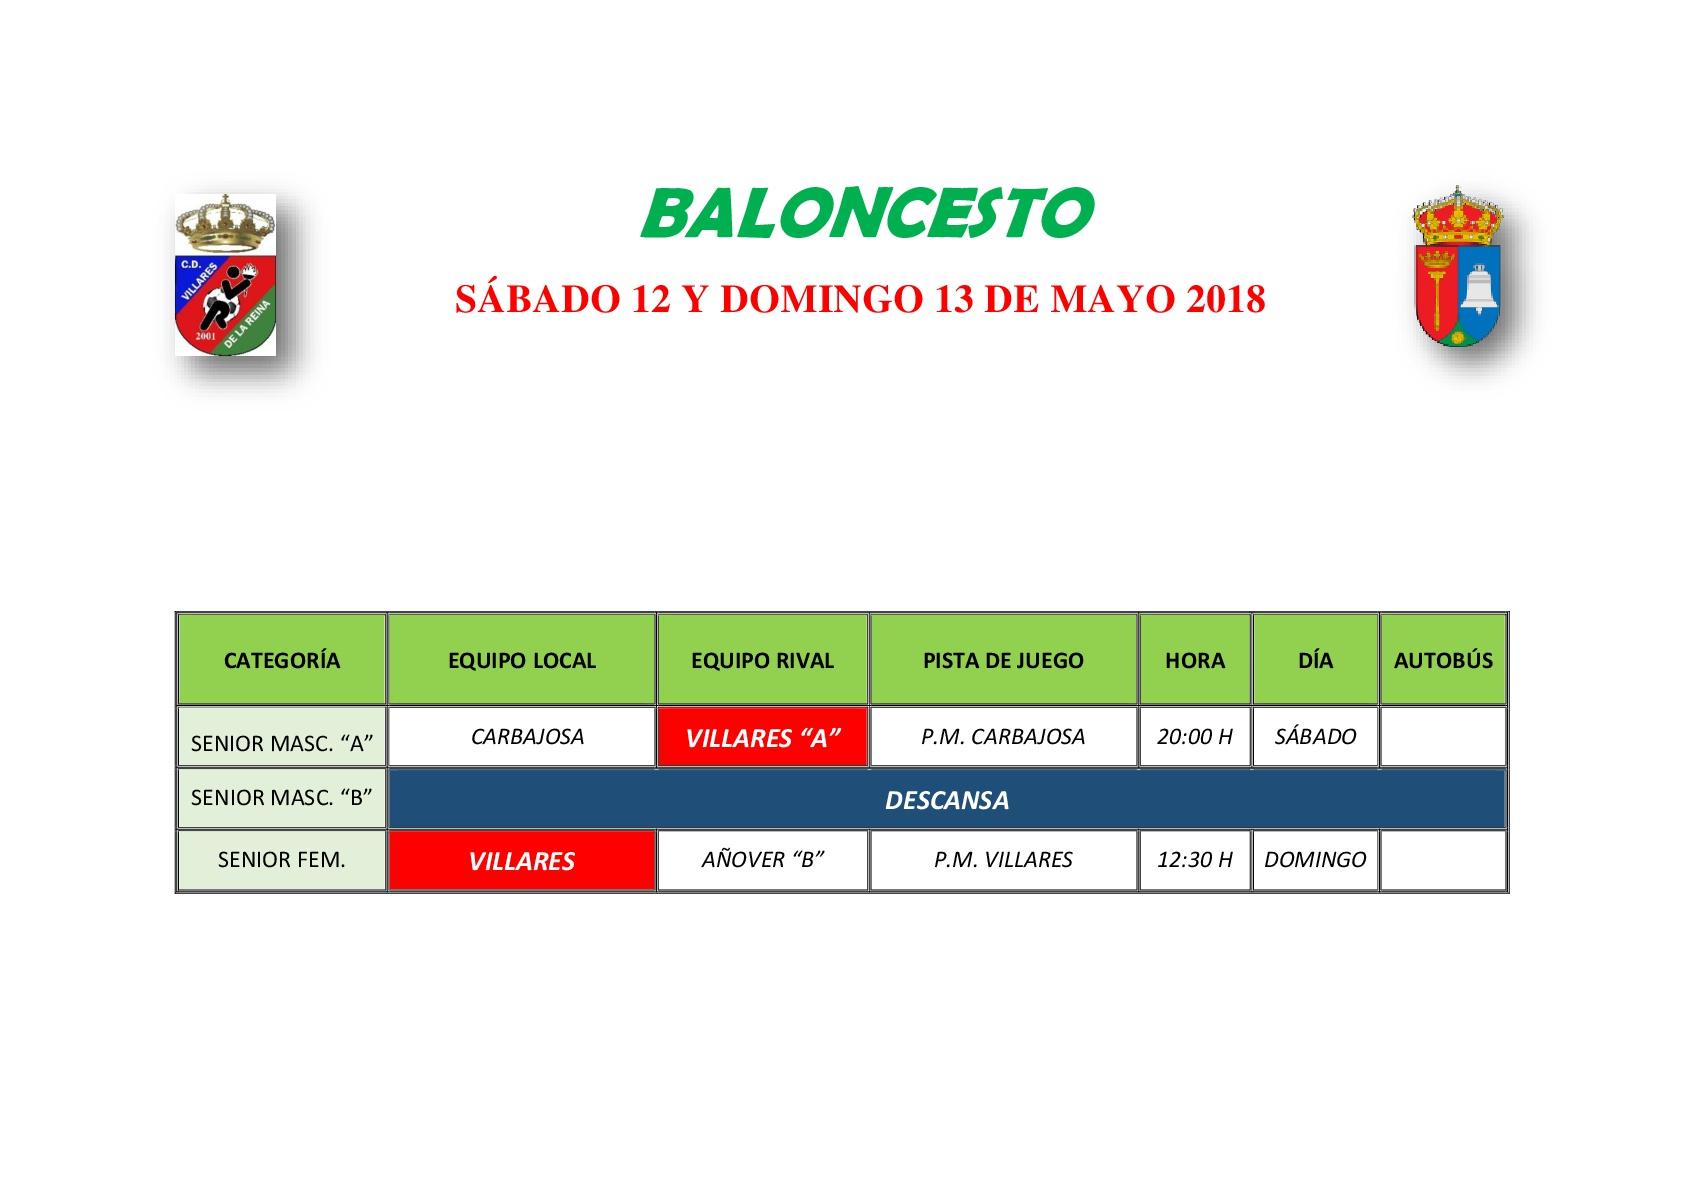 HORARIO BALONCESTO 12 Y 13 DE MAYO